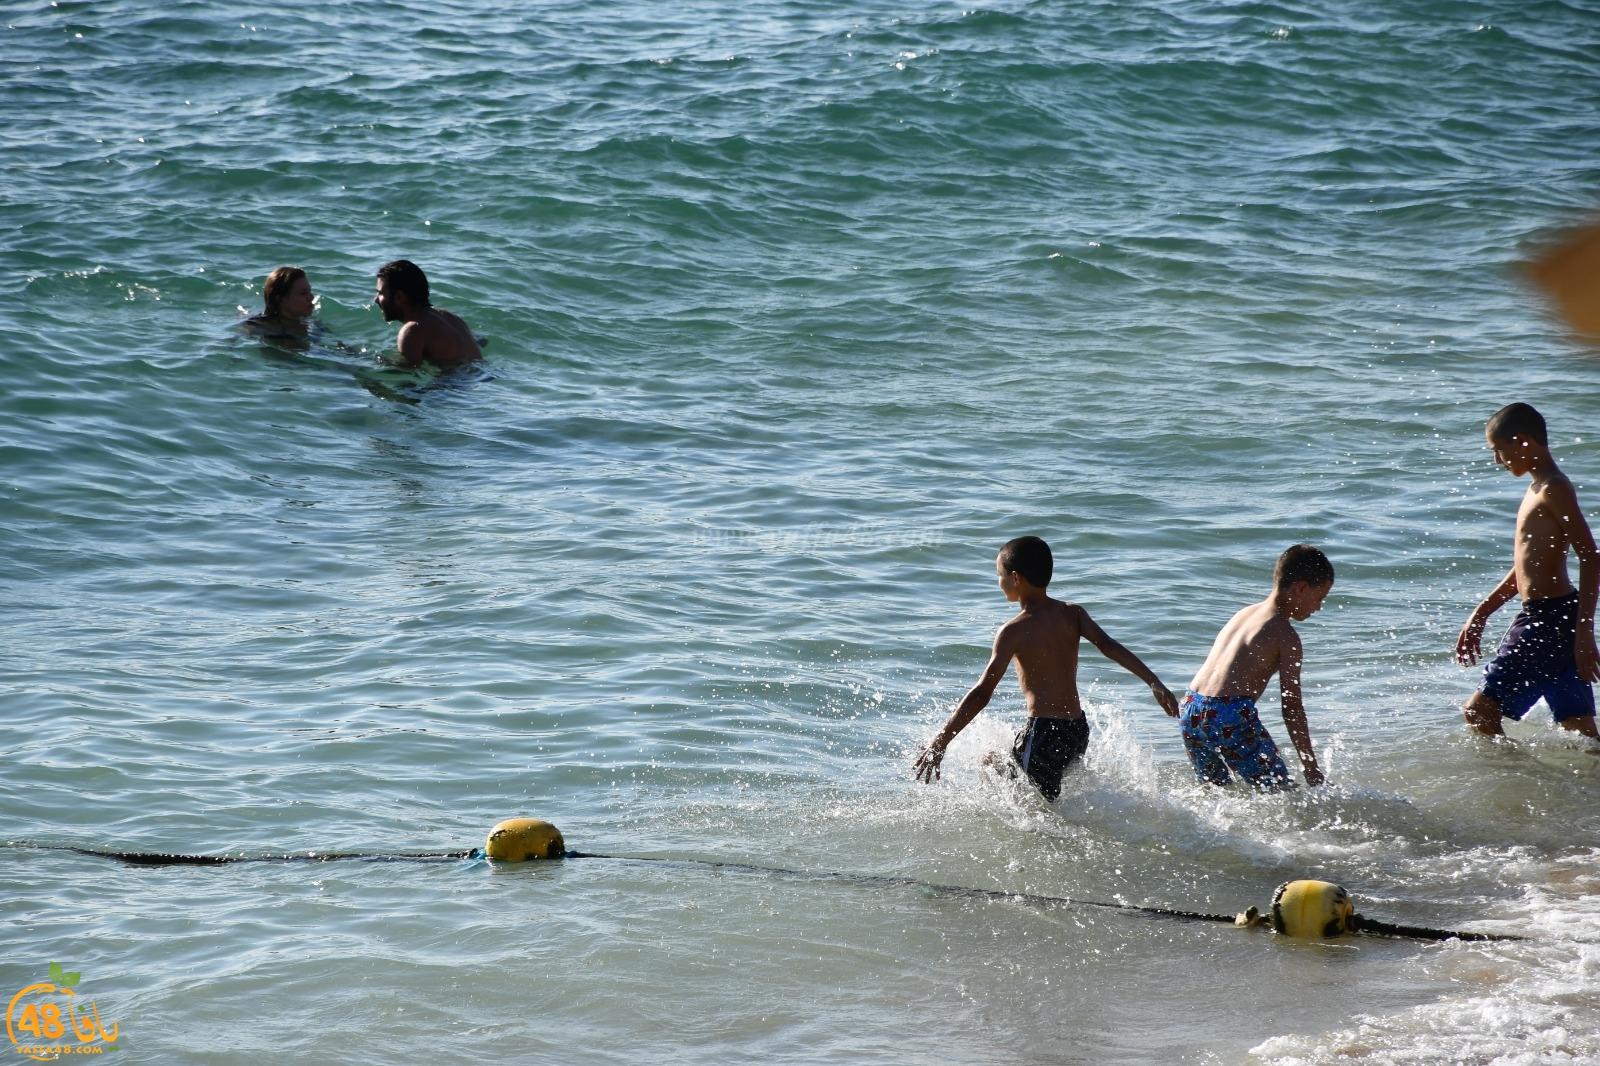 شاهد: تقرير خاص ليافا 48 حول مخاطر البحر - نصائح وارشادات هامة